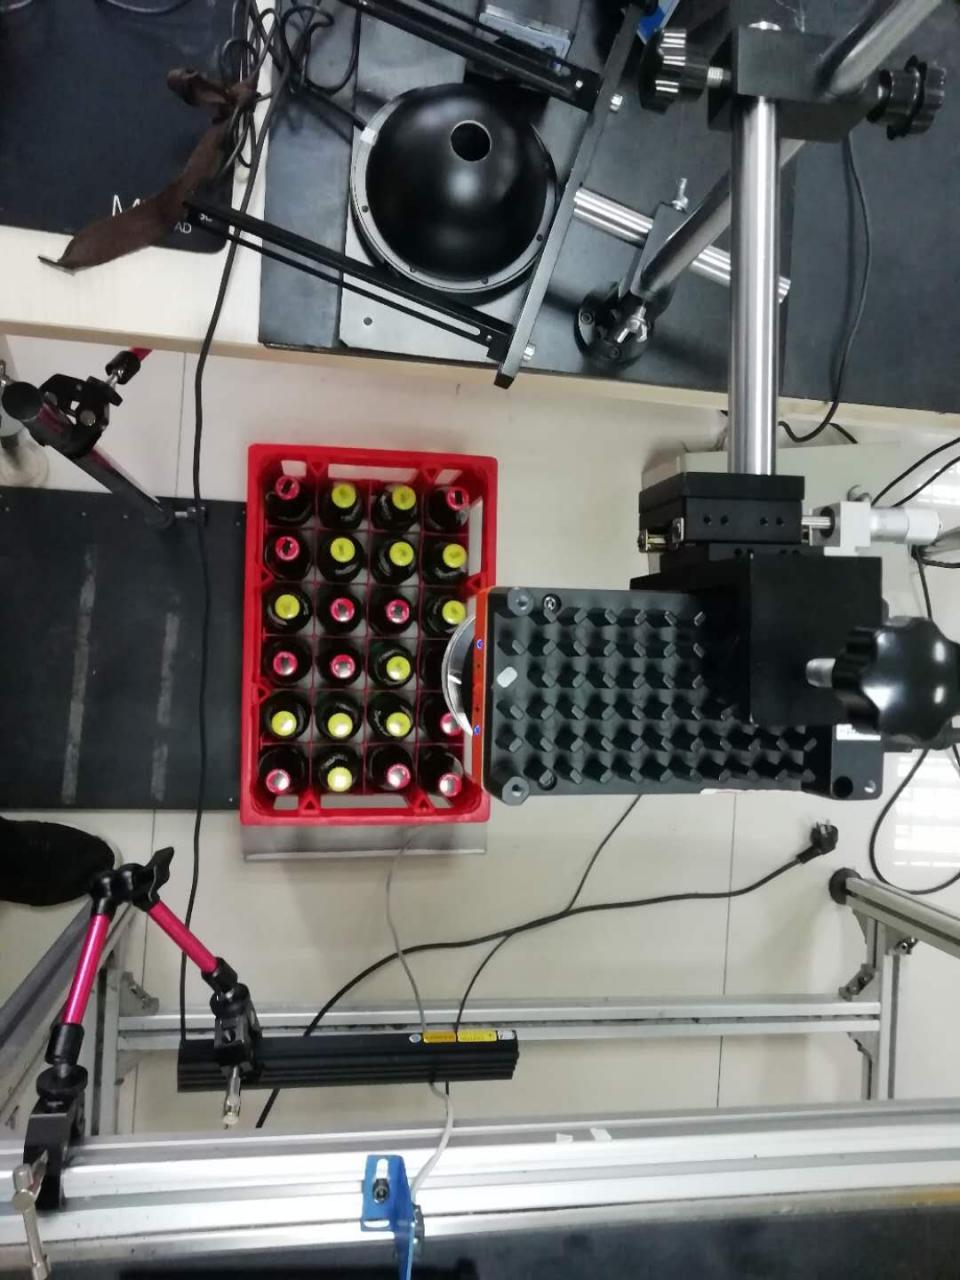 自动识别系统(可乐瓶盖视觉识别系统案例)-机器视觉_视觉检测设备_3D视觉_缺陷检测